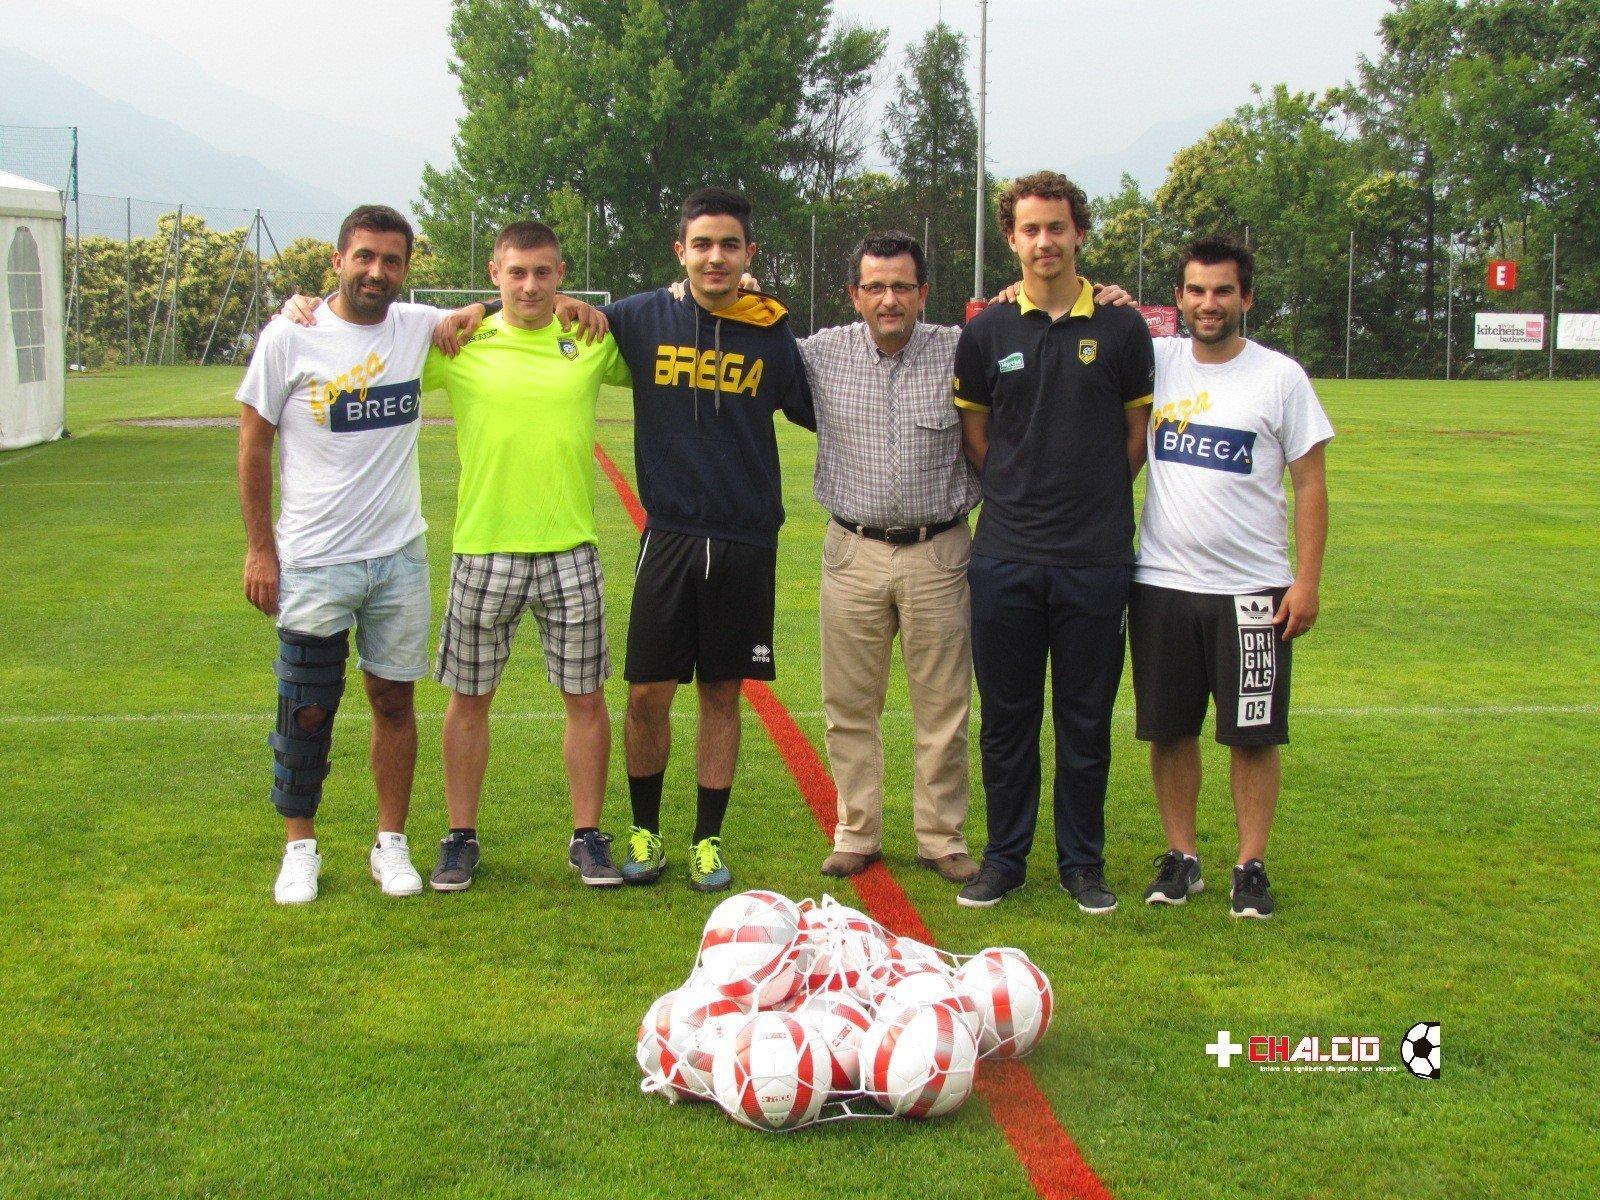 Premio Fair Play Chalcio:Allievi A1 e B1 Breganzona vincitori!